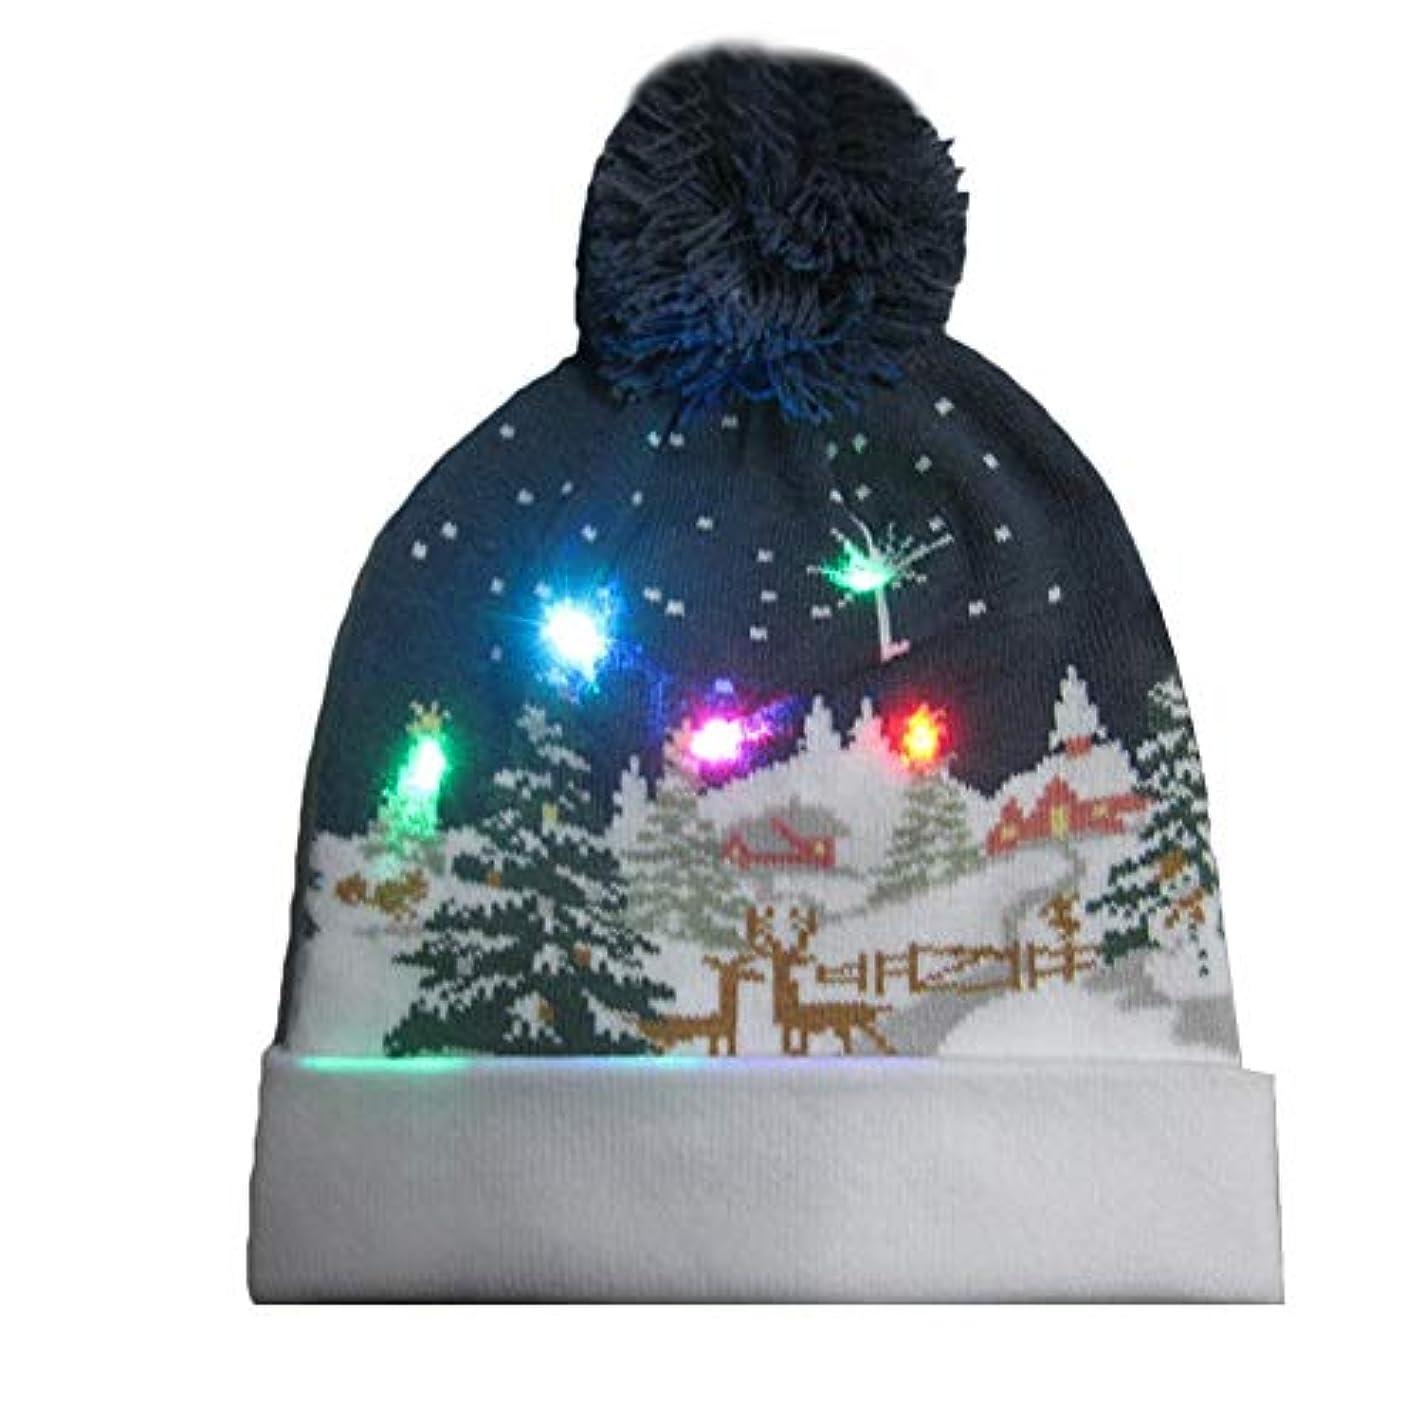 アーネストシャクルトンビット始めるクリスマス帽子 編み帽子 防風防寒 耳保護 暖か ニット帽 コスチューム用 可愛い 寒い対応 子供/女の子